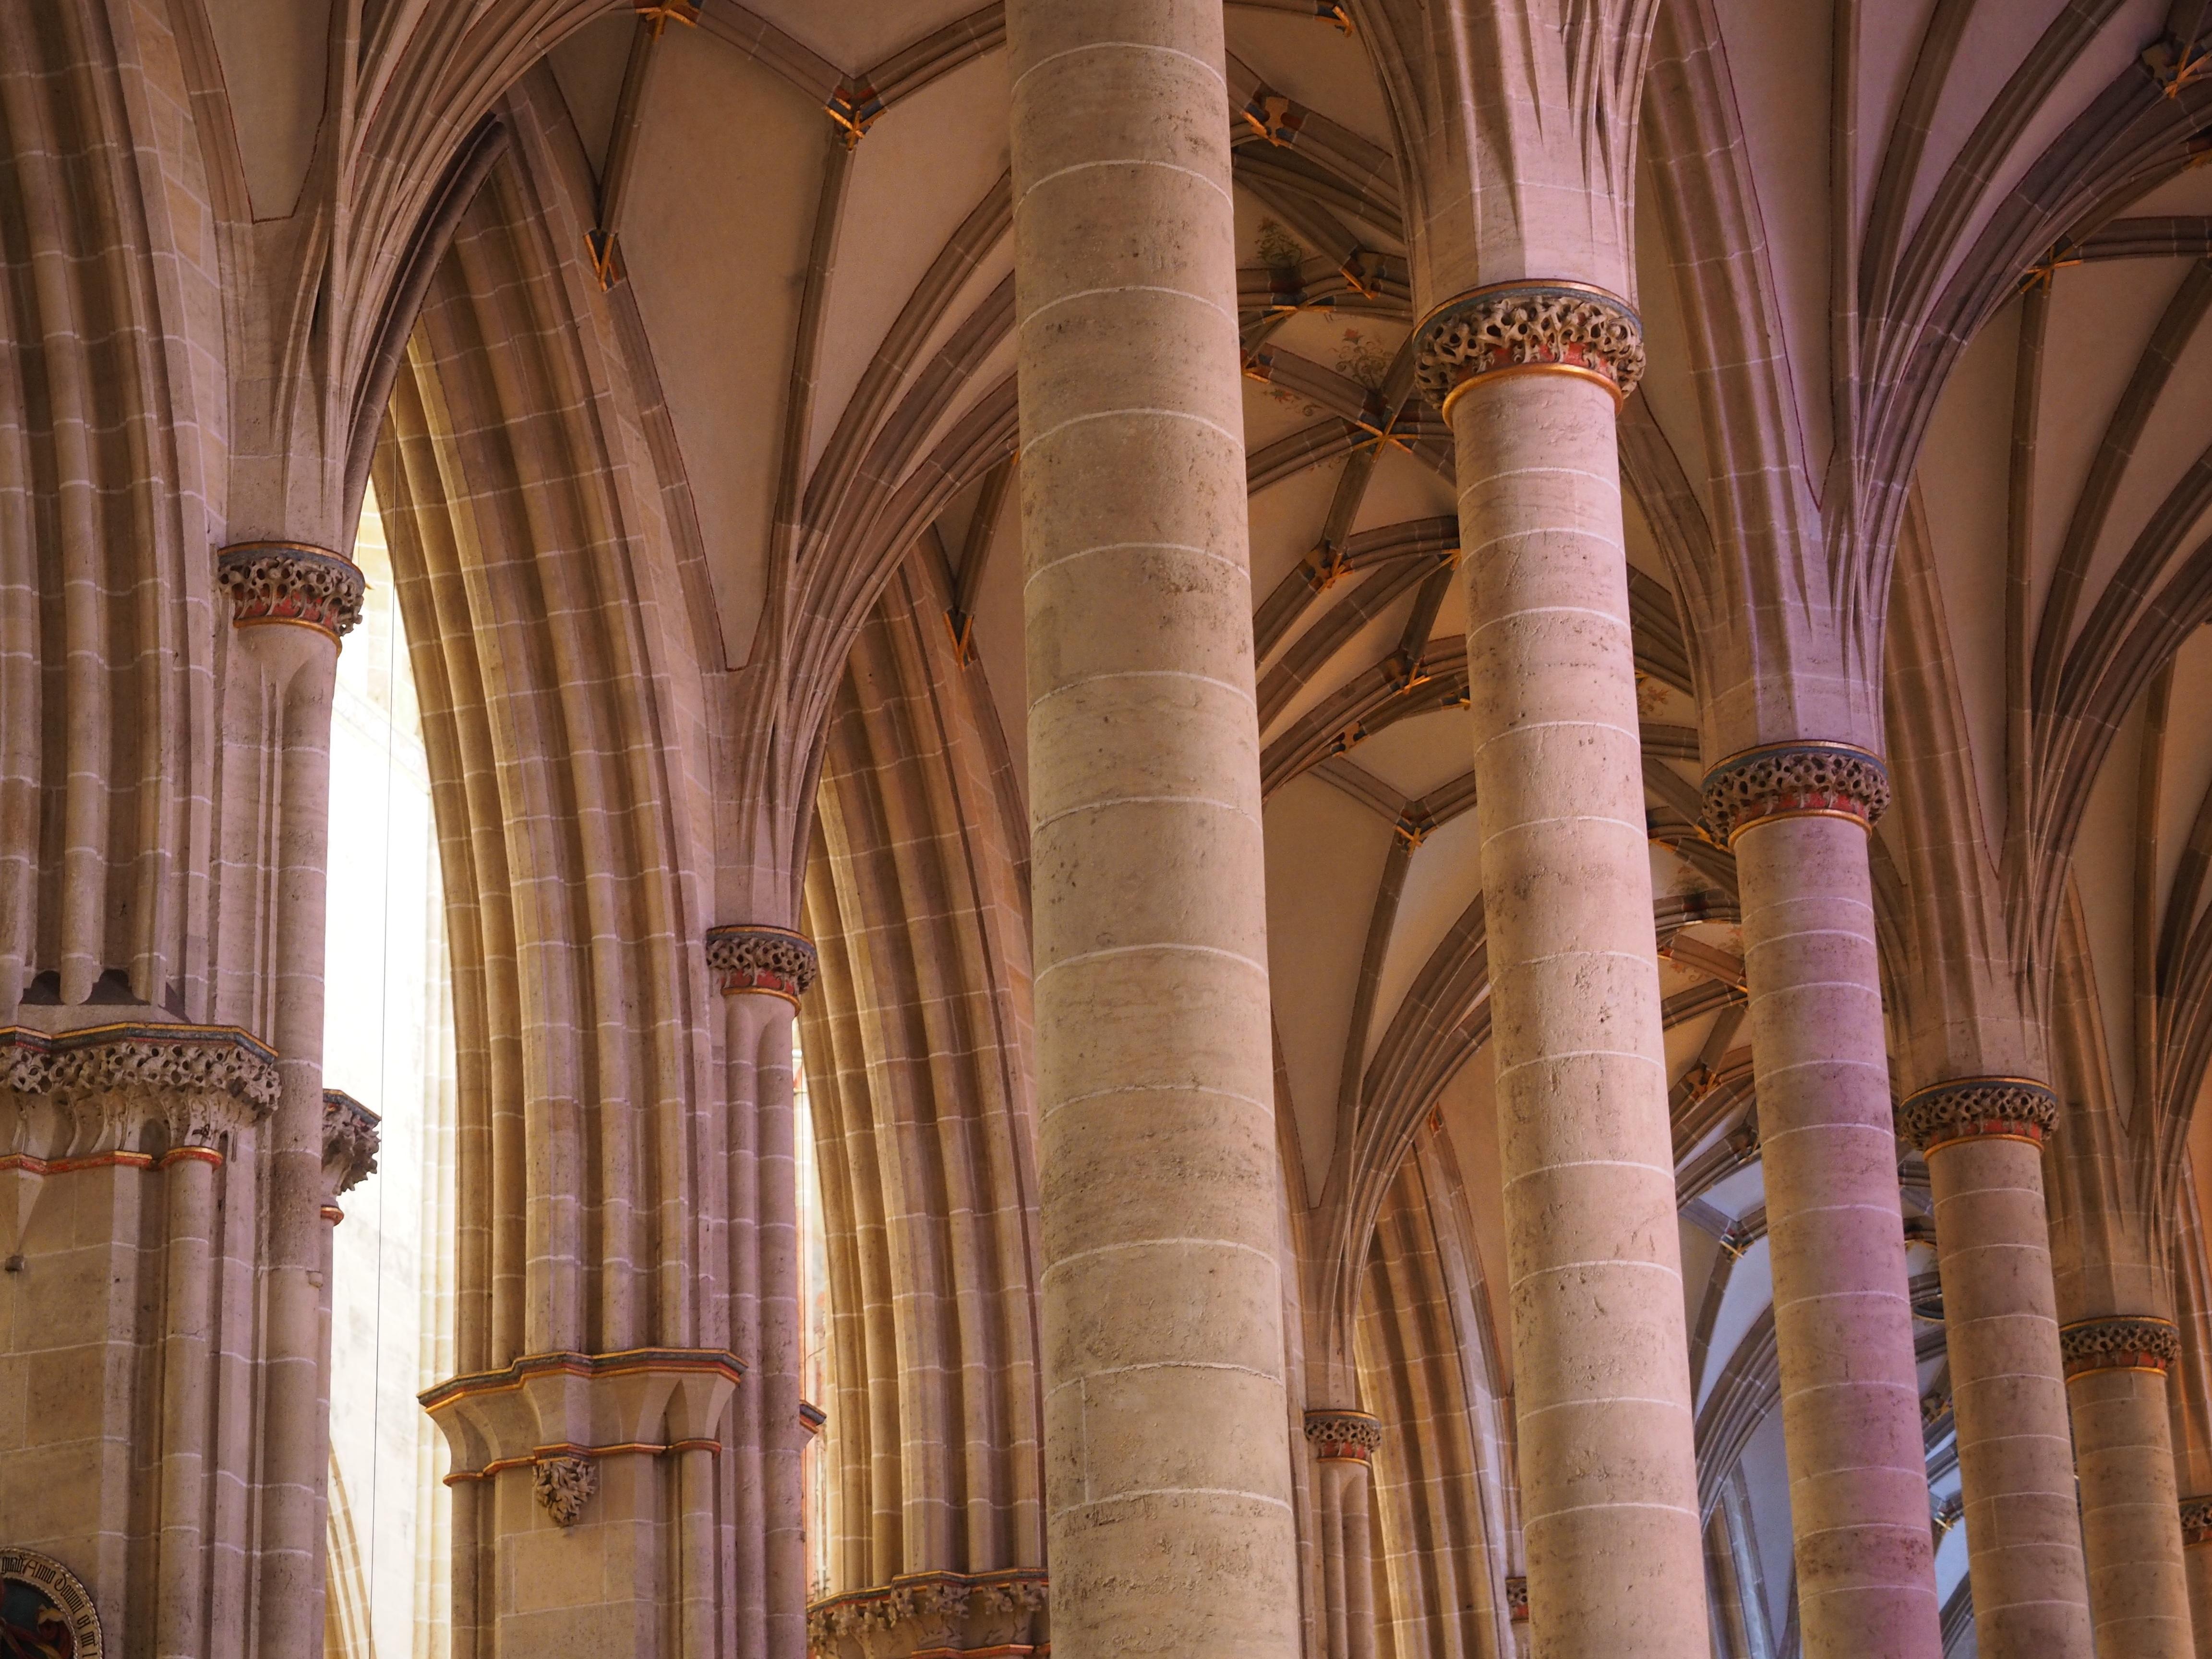 Innenarchitektur Ulm kostenlose foto die architektur struktur gebäude säule fassade